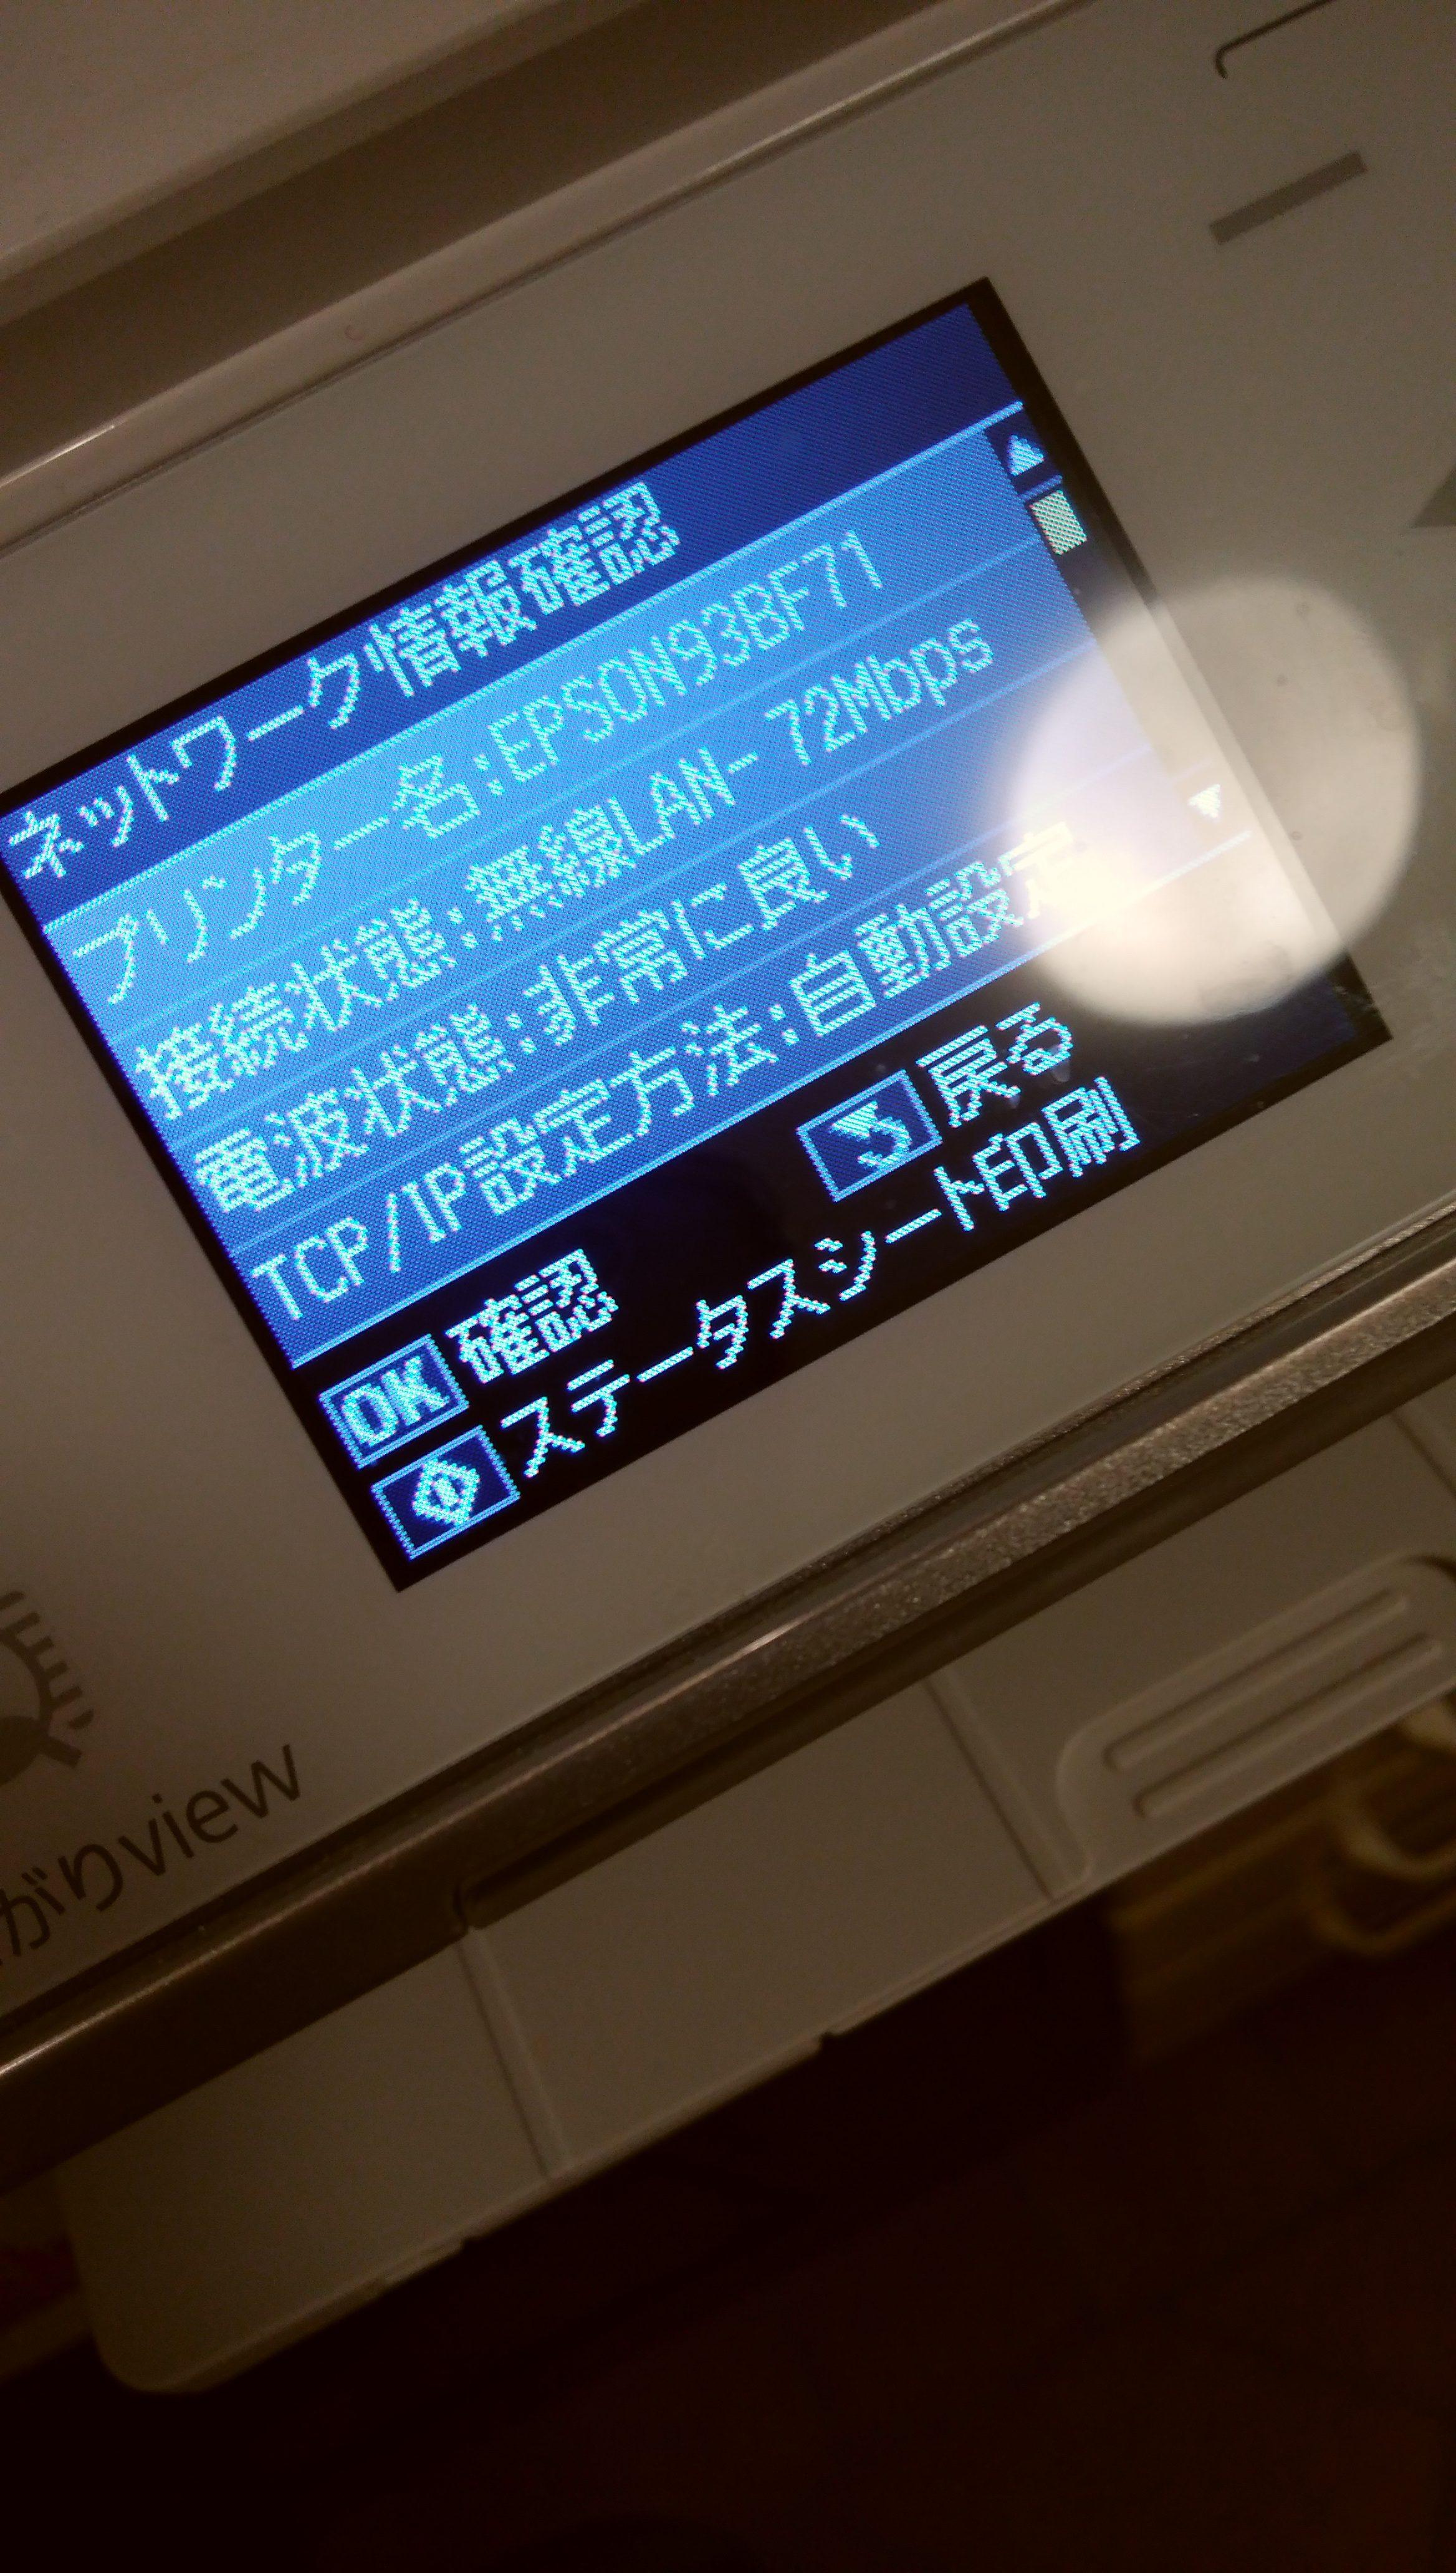 突然EP-803AWからのプリンター印刷不可